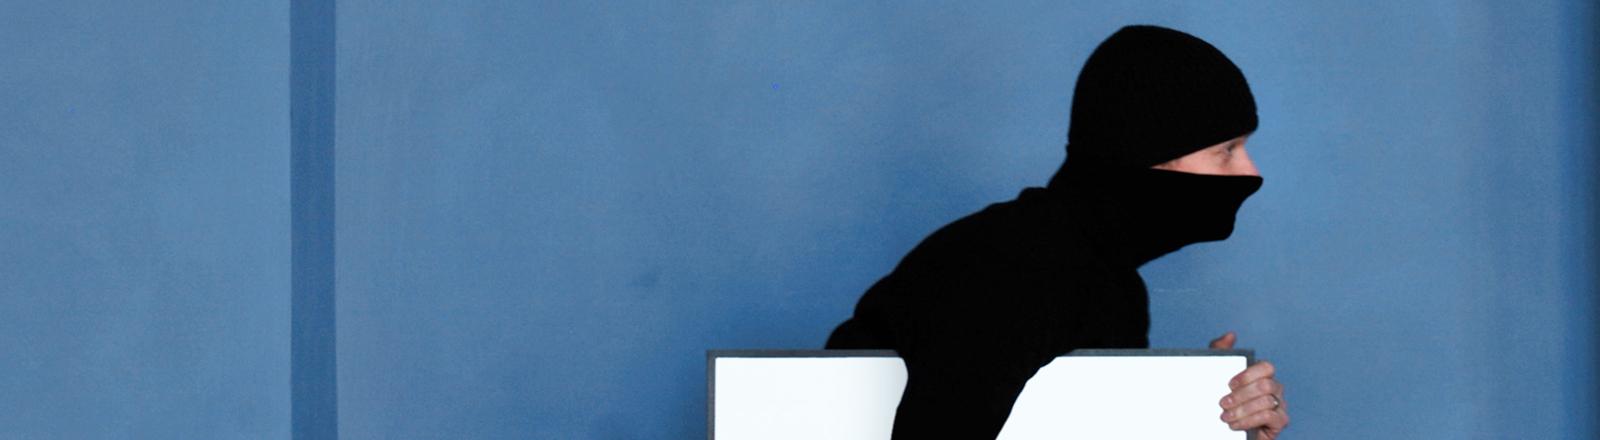 Schwarz gekleideter Mann mit Sturmmaske und einem weißen viereckigen Paket unterm Arm.